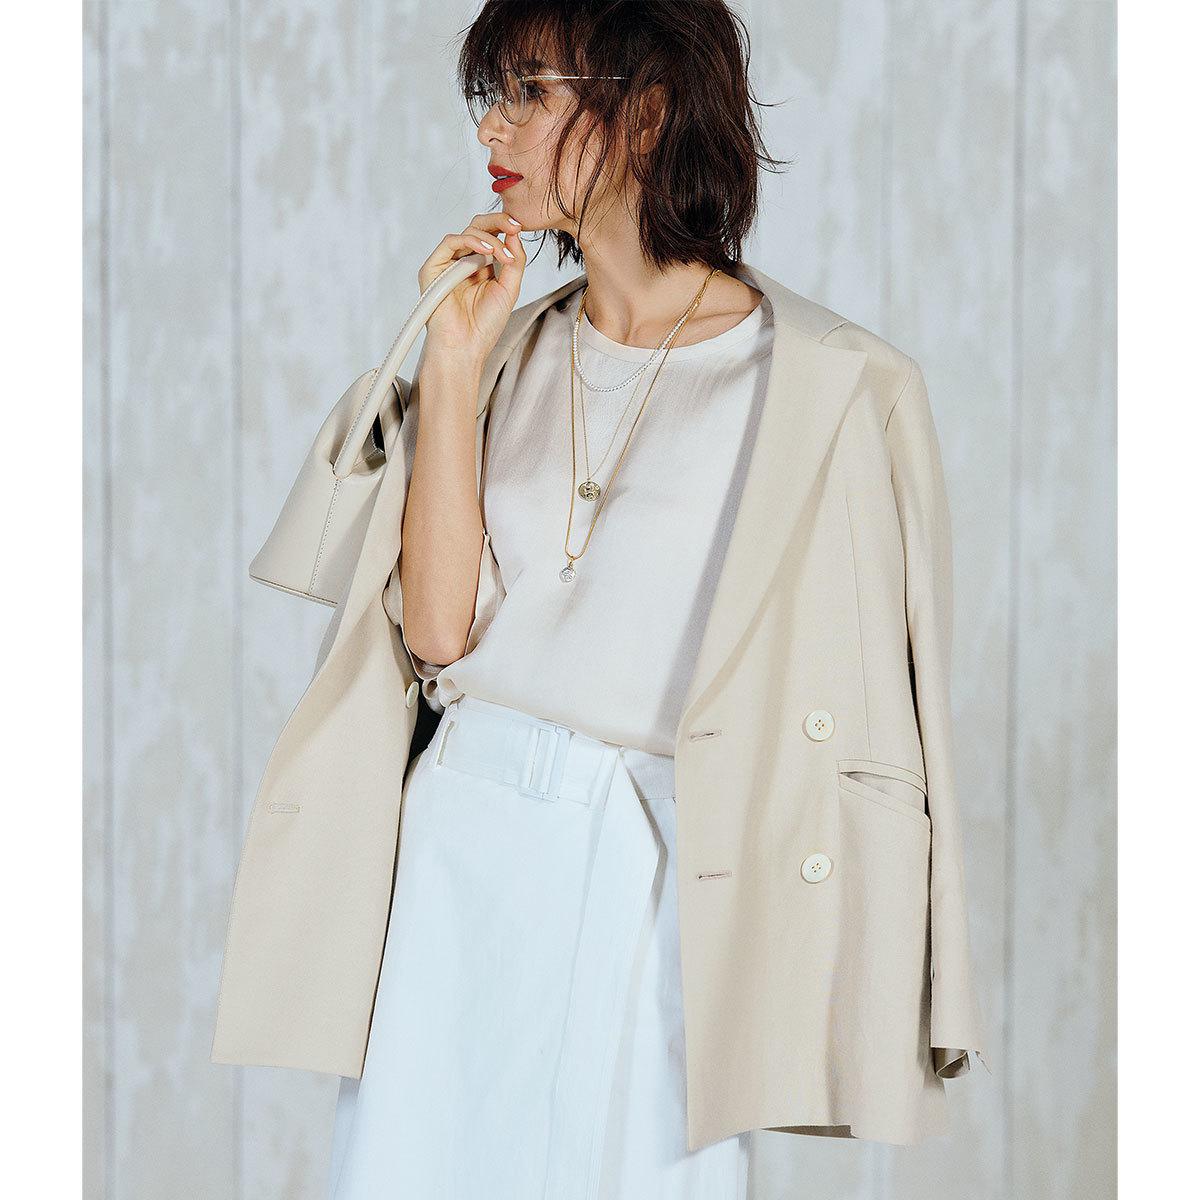 オーバーサイズのテーラードジャケット×スカートコーデ